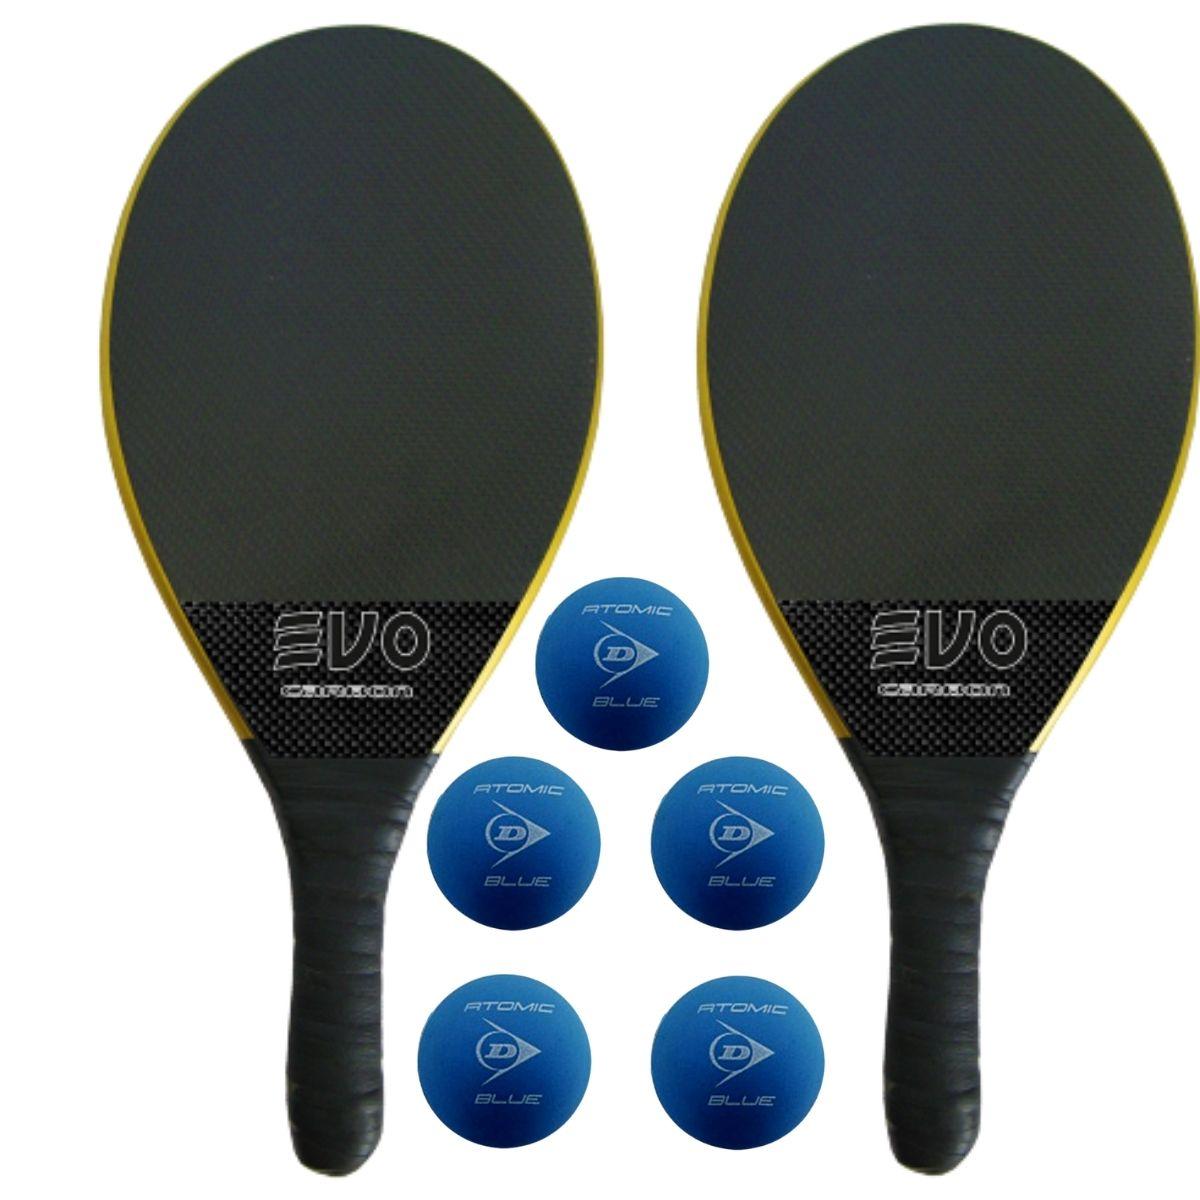 Kit Raquetes Frescobol Evo Carbon Preto com 5 Bolas Dunlop